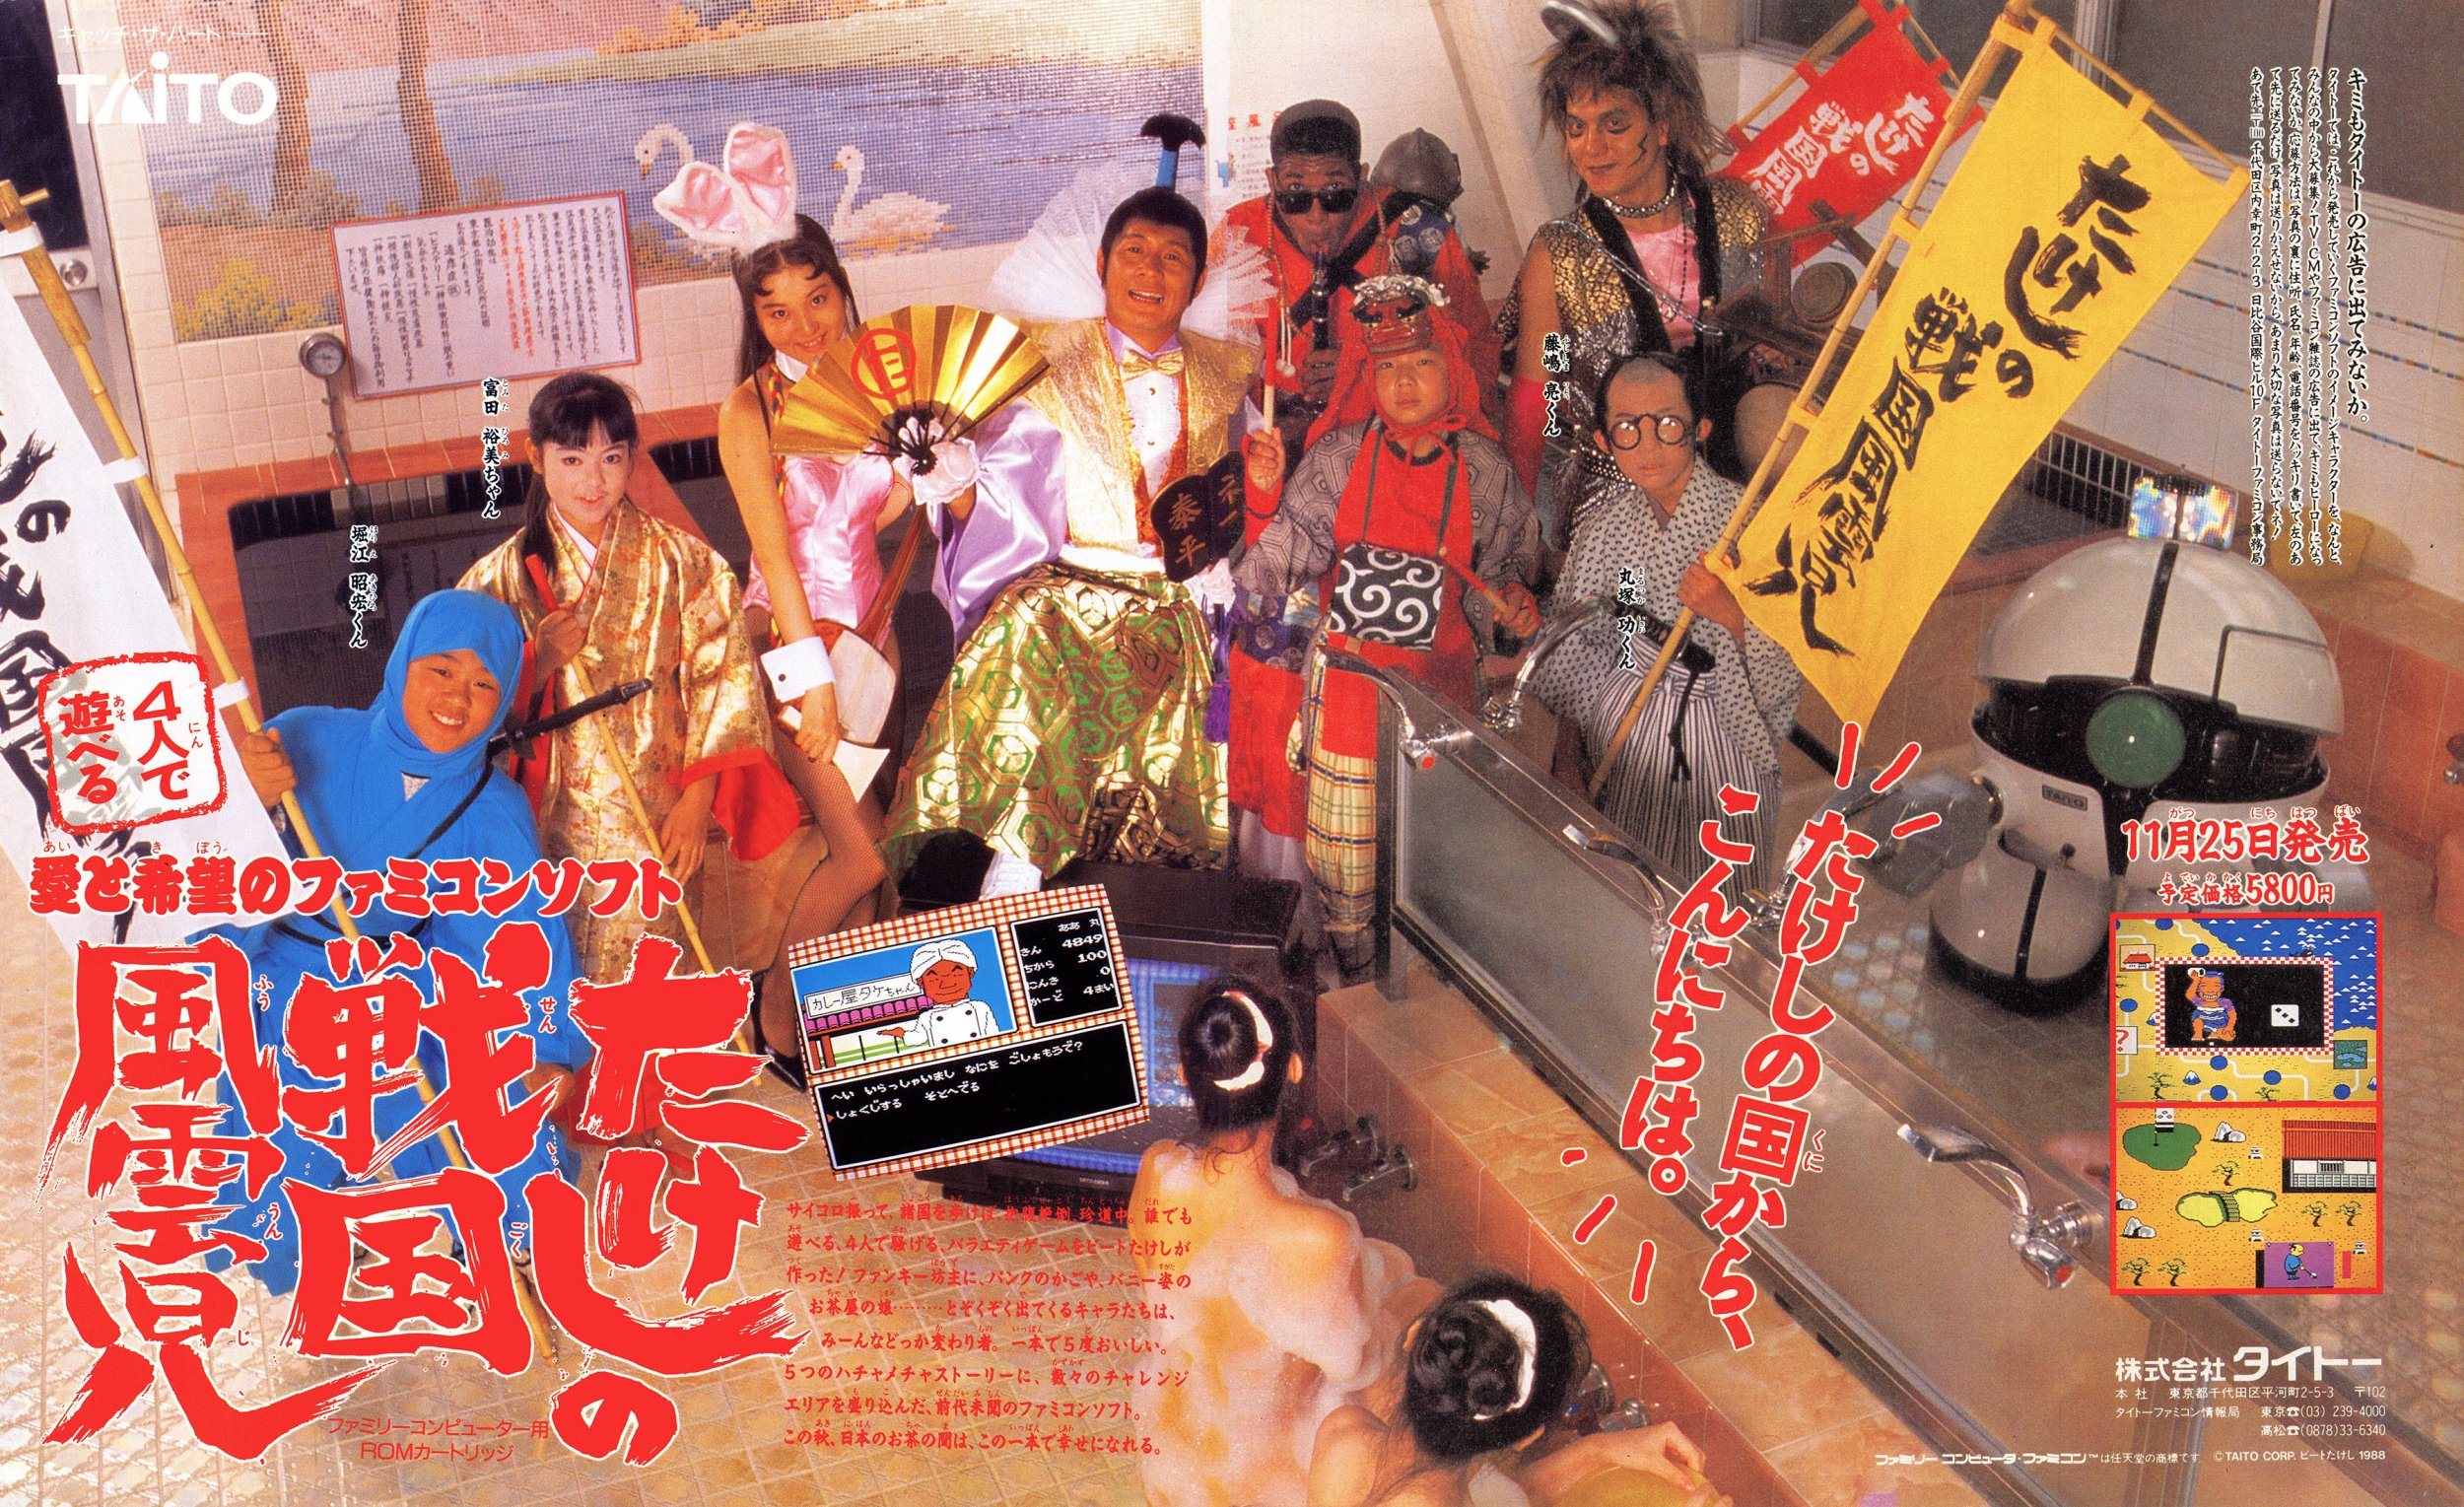 Takeshi no Sengoku Fuuunji (Japan)